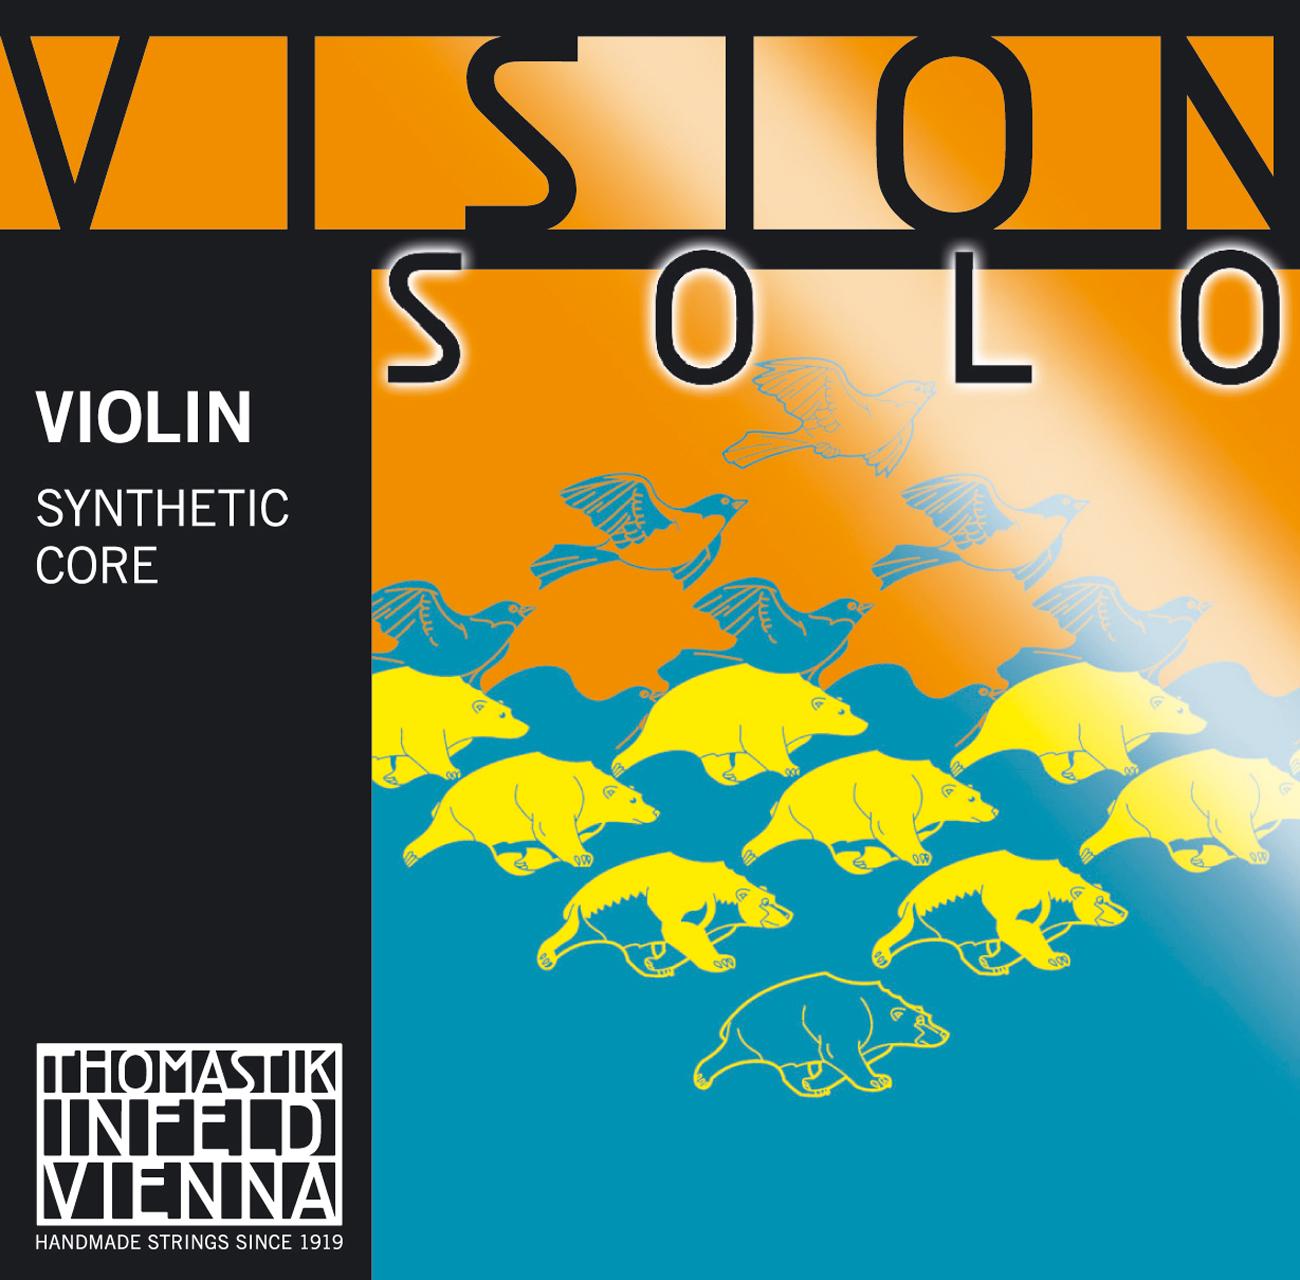 Vision Solo Violin E Tin Plated